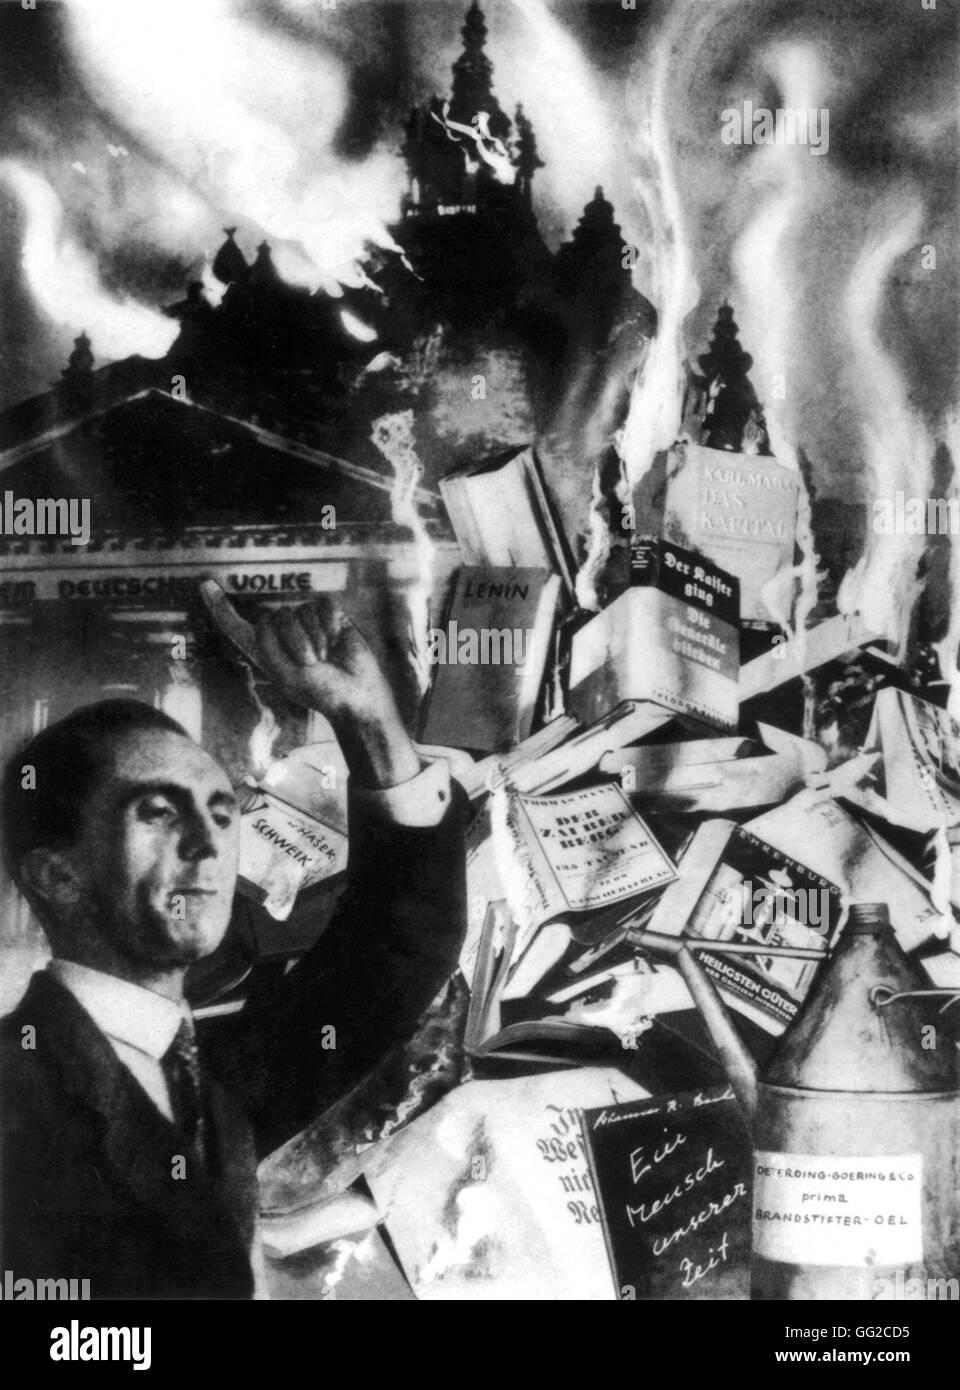 Autodafés De 1933 En Allemagne : autodafés, allemagne, Photomontage, Heartfield, Lumière, L'obscurité'., Autodafé, Berlin,, Environ, Livres, été, Brûlés, L'ordre, Ministre, Allemand, Propagande, Goebbels.